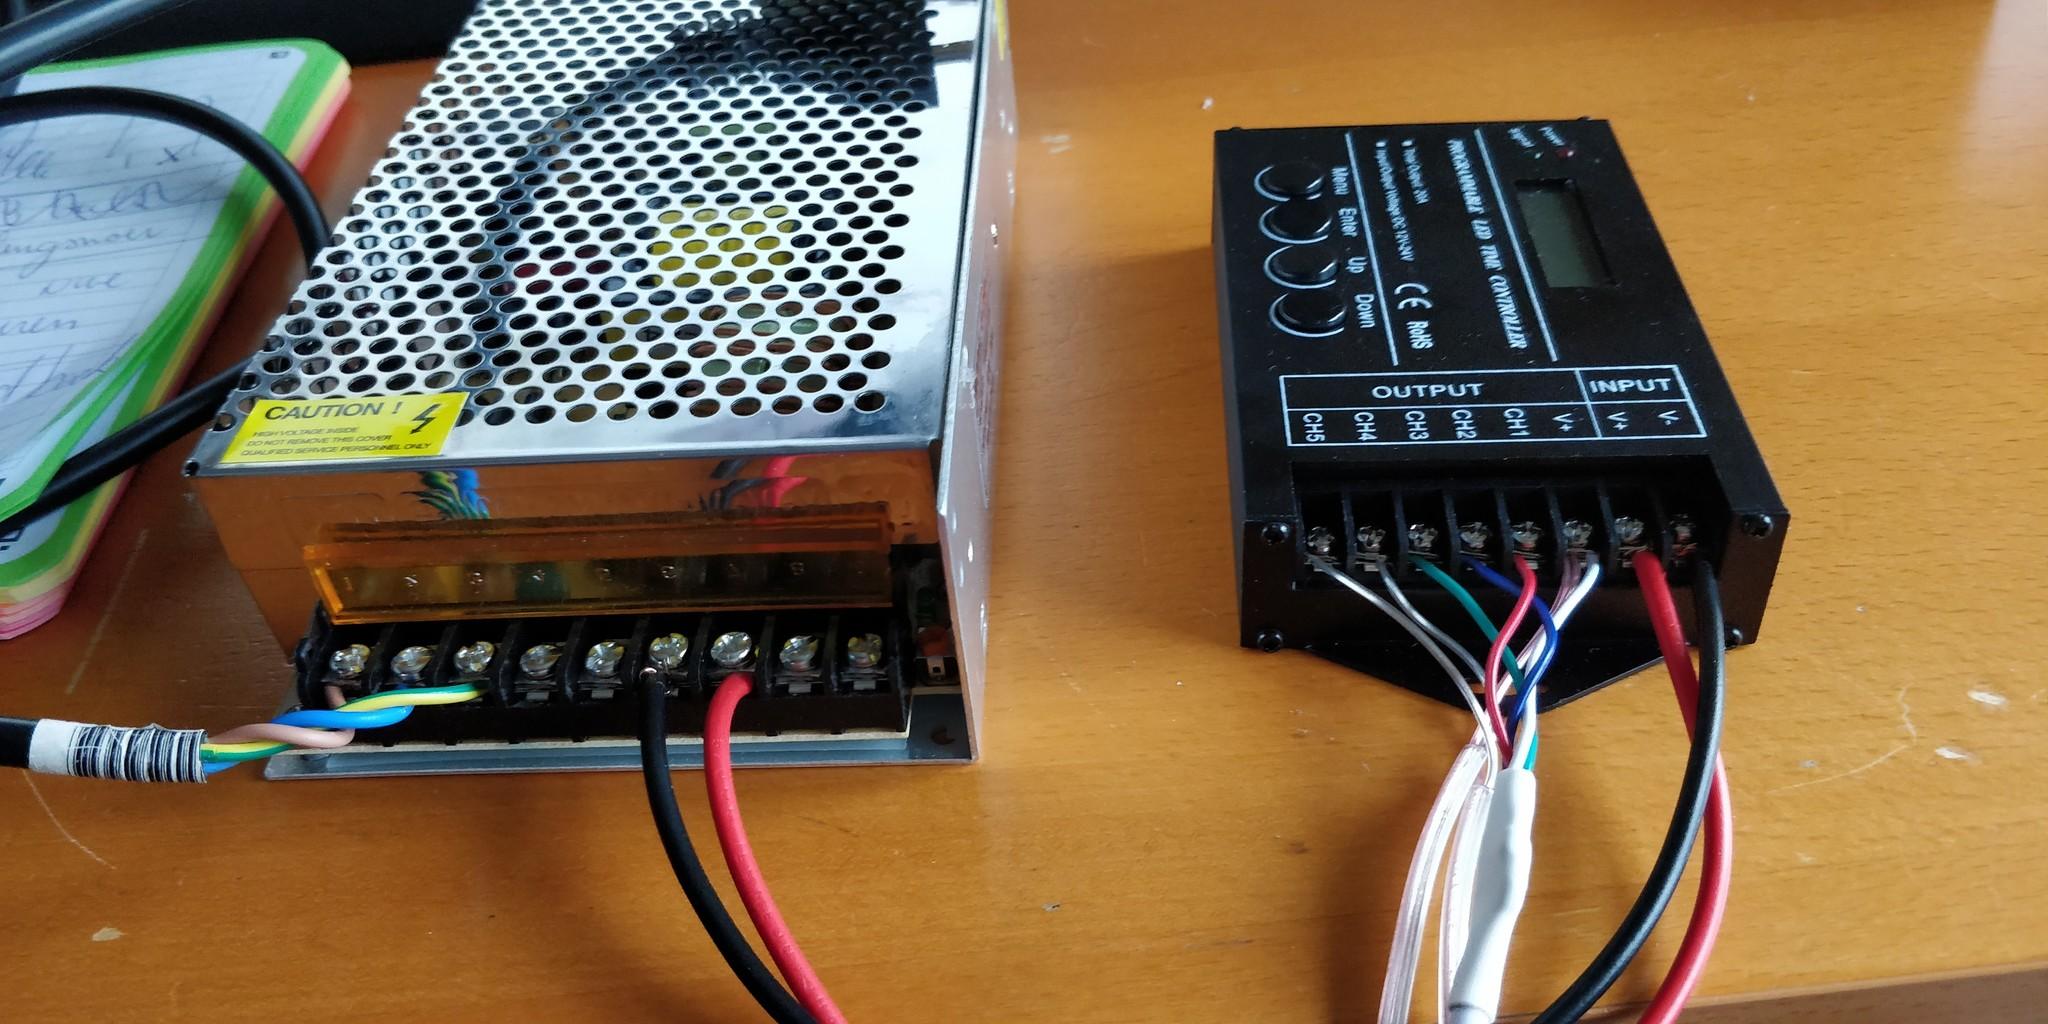 Aansluitschema voor een adapter en een tc420 met gebruik van een RGB led balk.